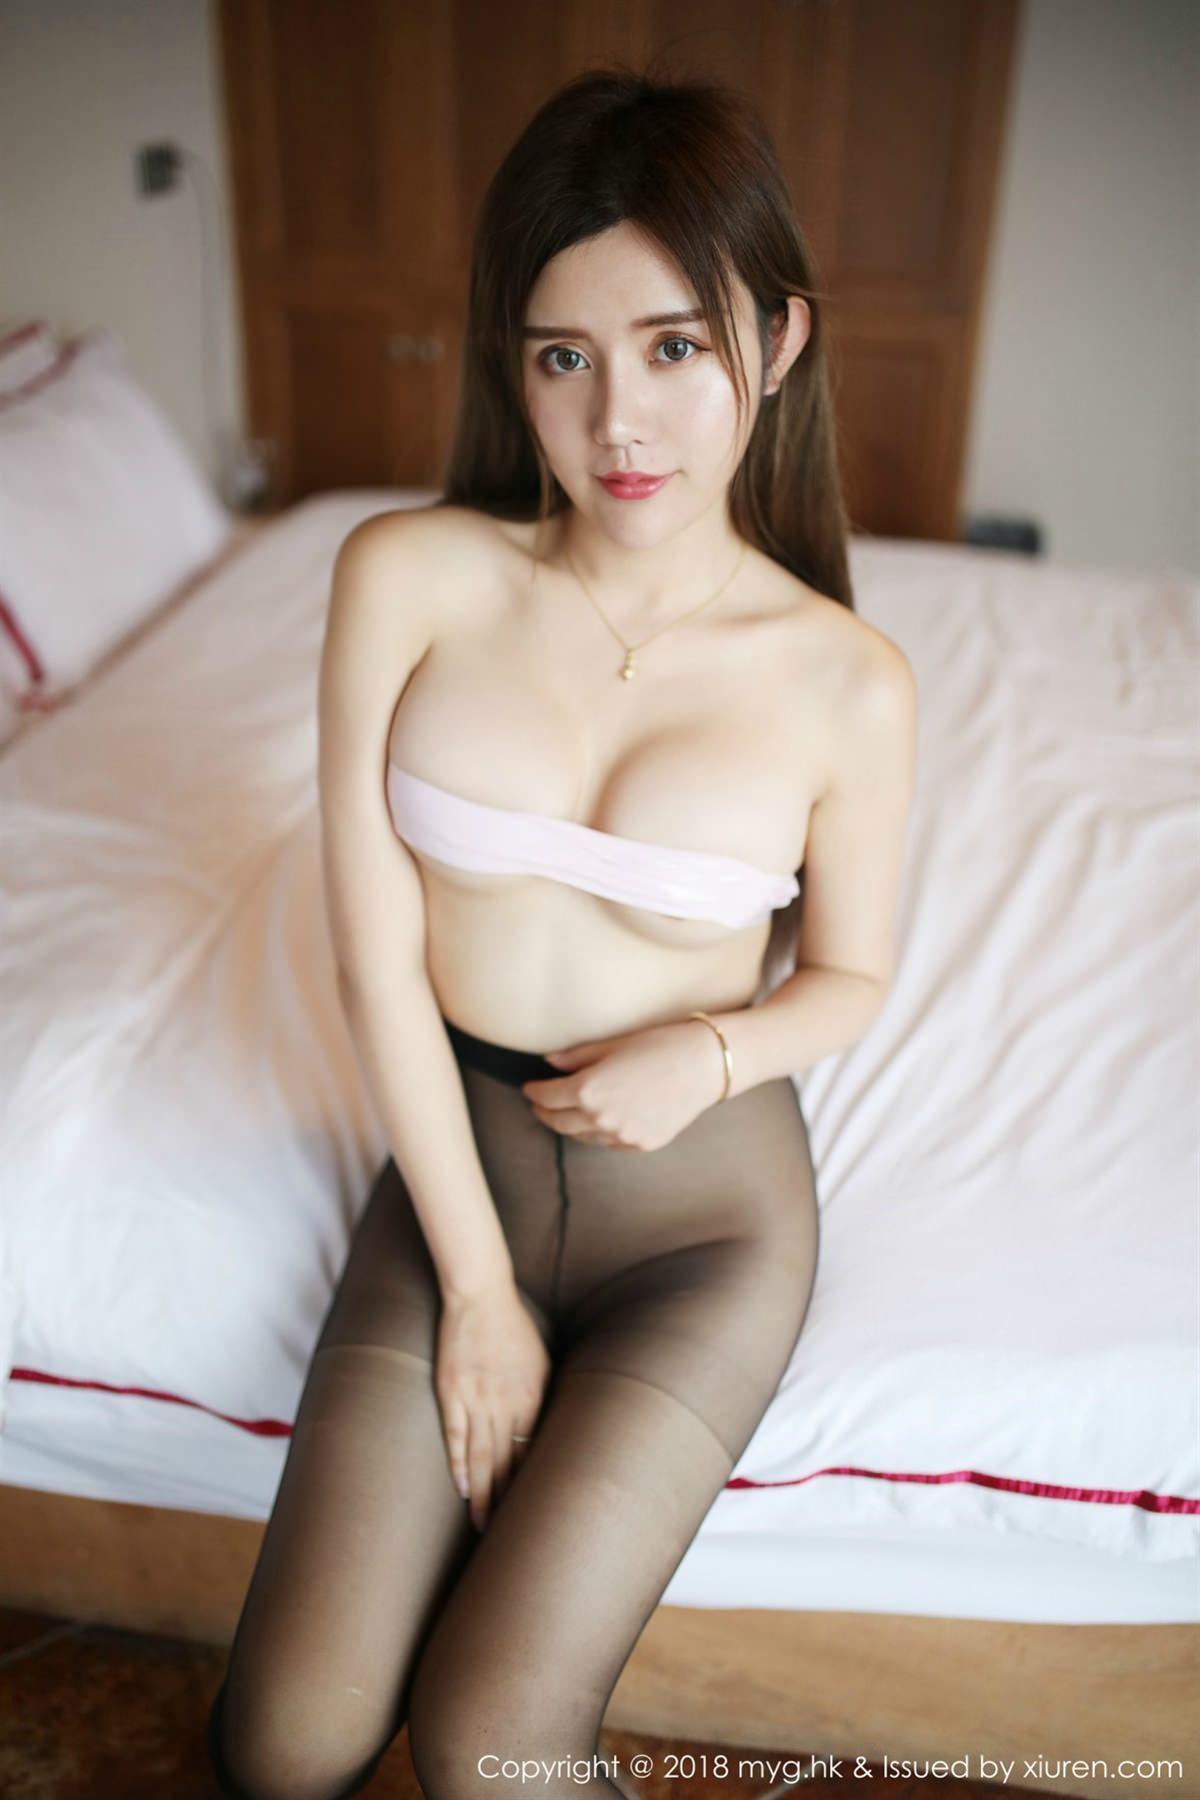 MyGirl Vol.304 24P, mygirl, Zhuo Ya Qi